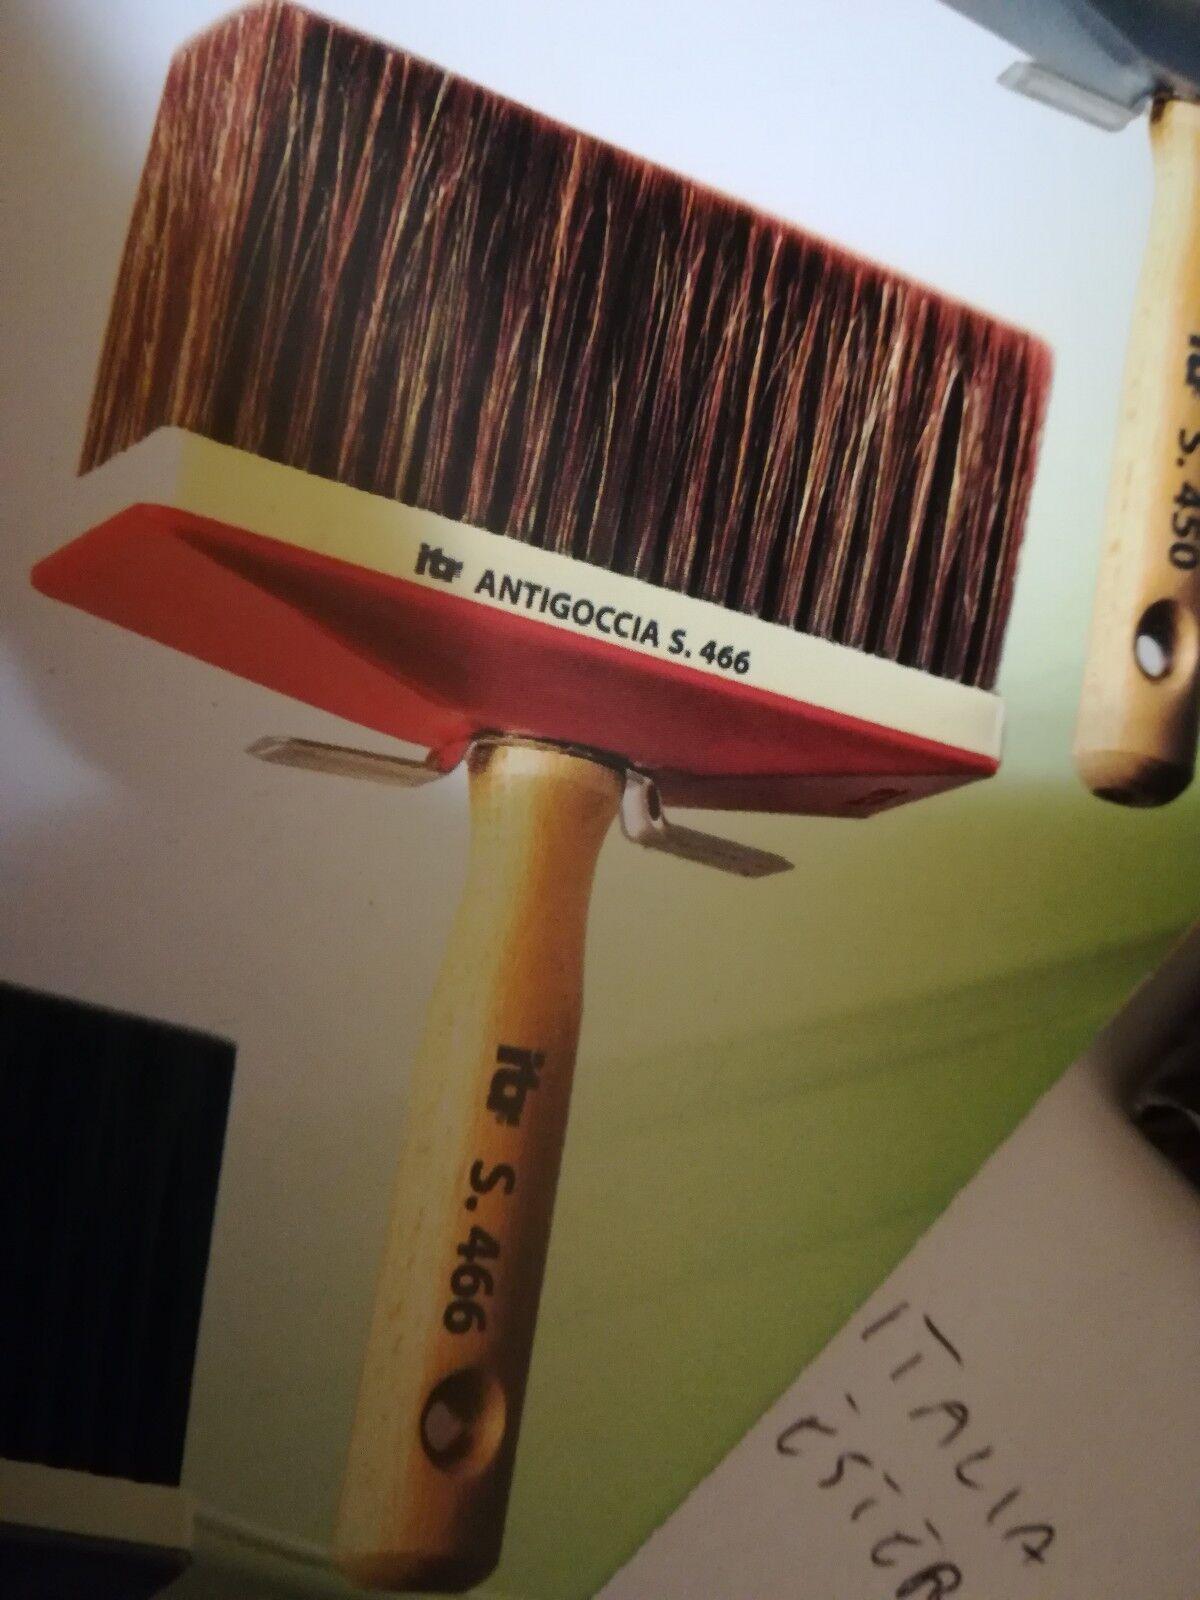 Plafonnier Anti-goutte Poignée En Bois 6,5X16 S 466 Pinceau plat Paquet 6 Pcs